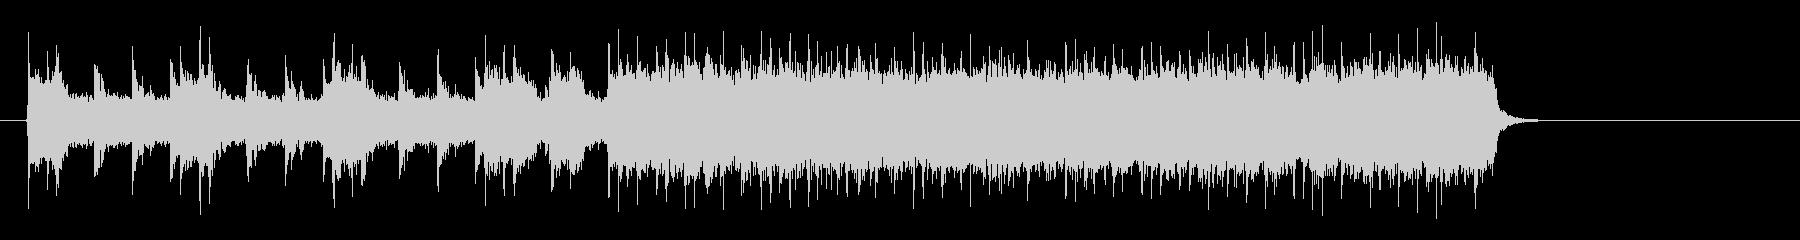 アメリカンロック/ポップ(イントロ~…)の未再生の波形